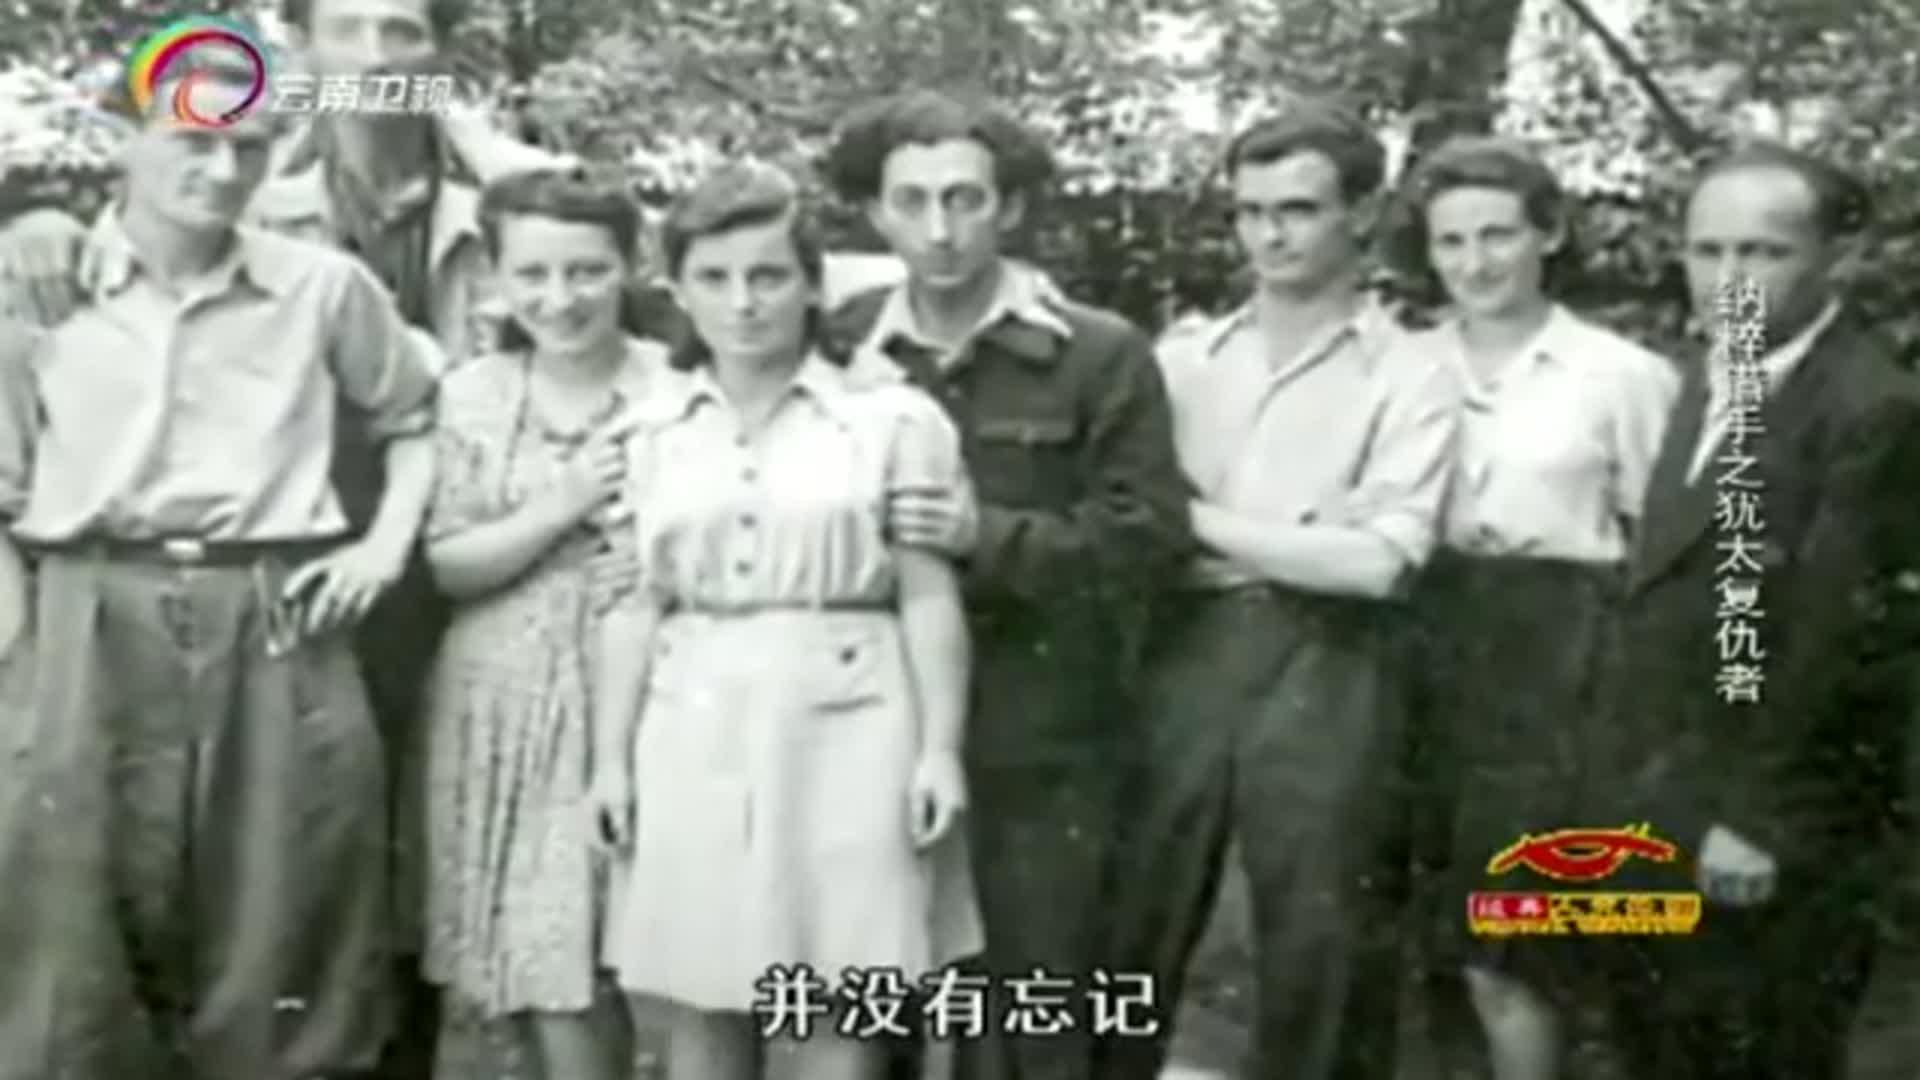 二战后,犹太为复仇纳粹制定疯狂报复计划,准备投毒灭<a href=